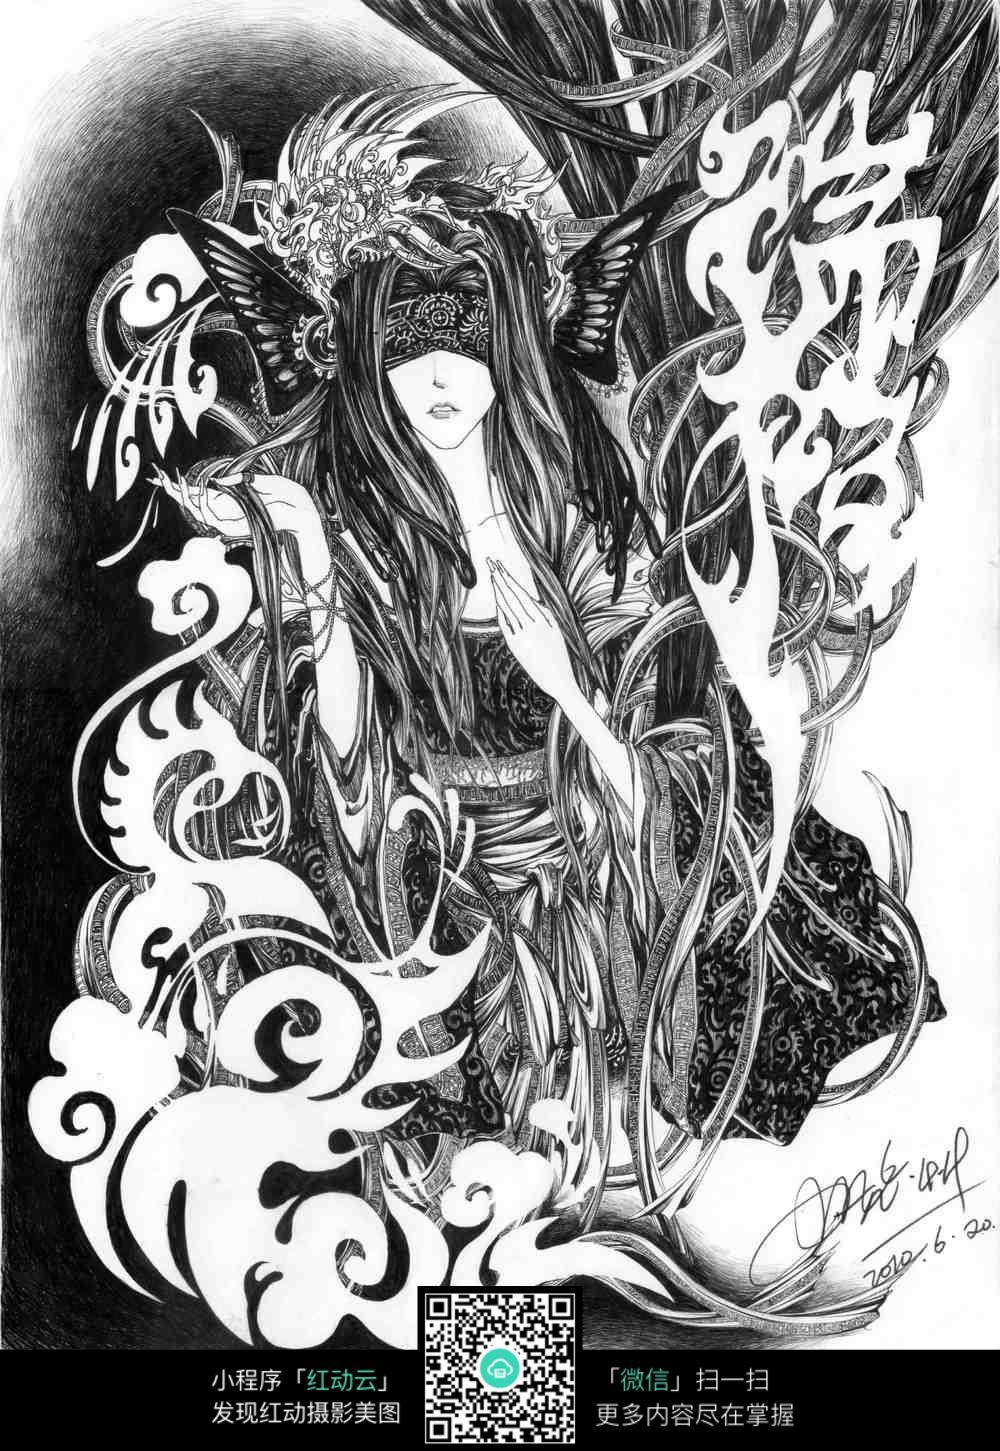 人物精美钢笔画_人物卡通图片